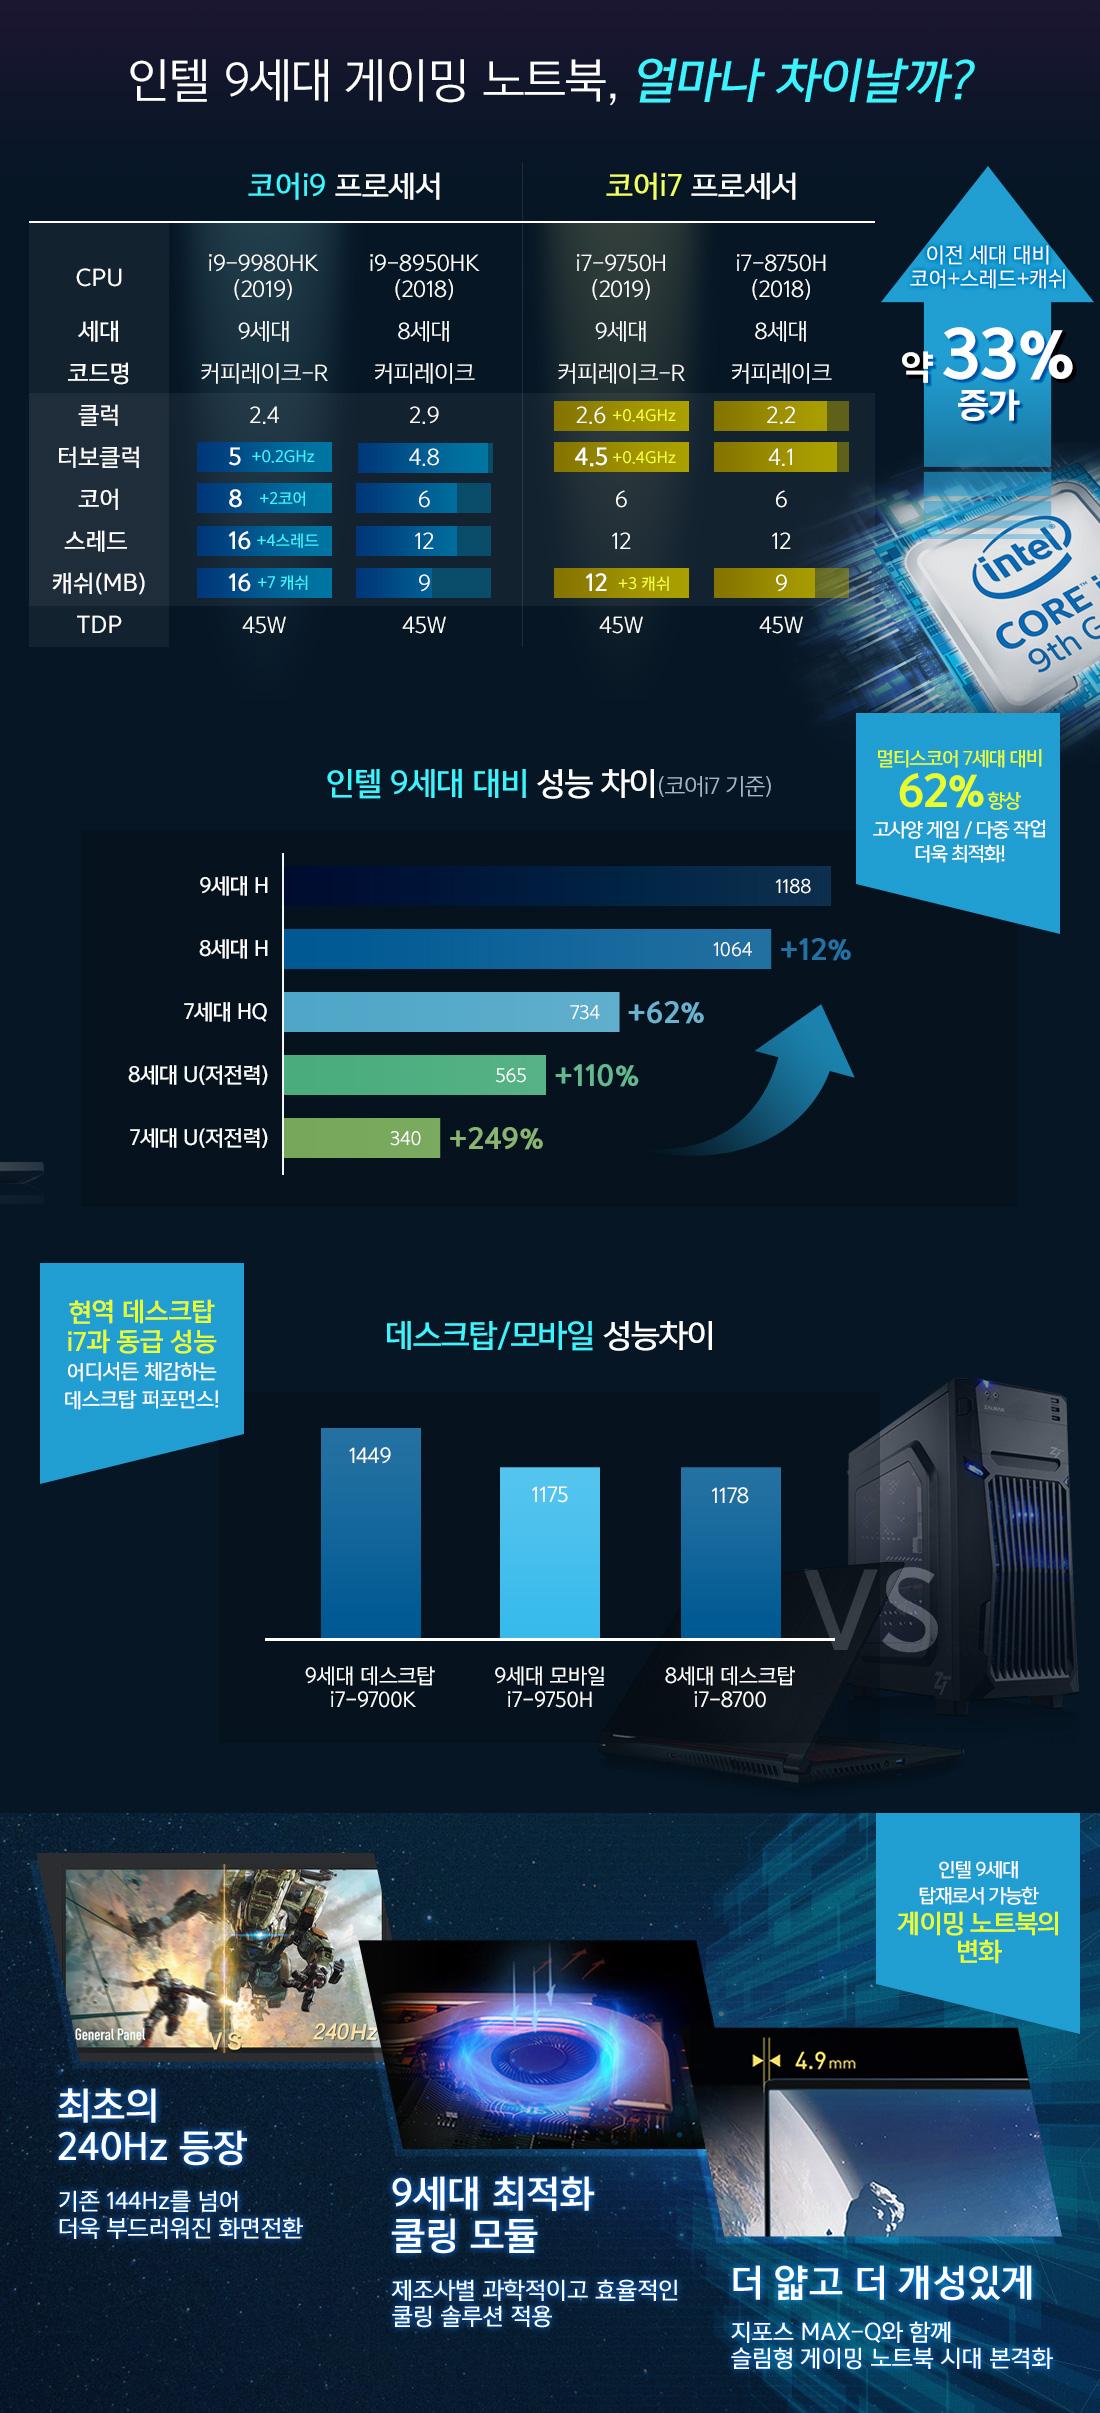 인텔 9세대 게이밍 노트북, 얼마나 차이날까?